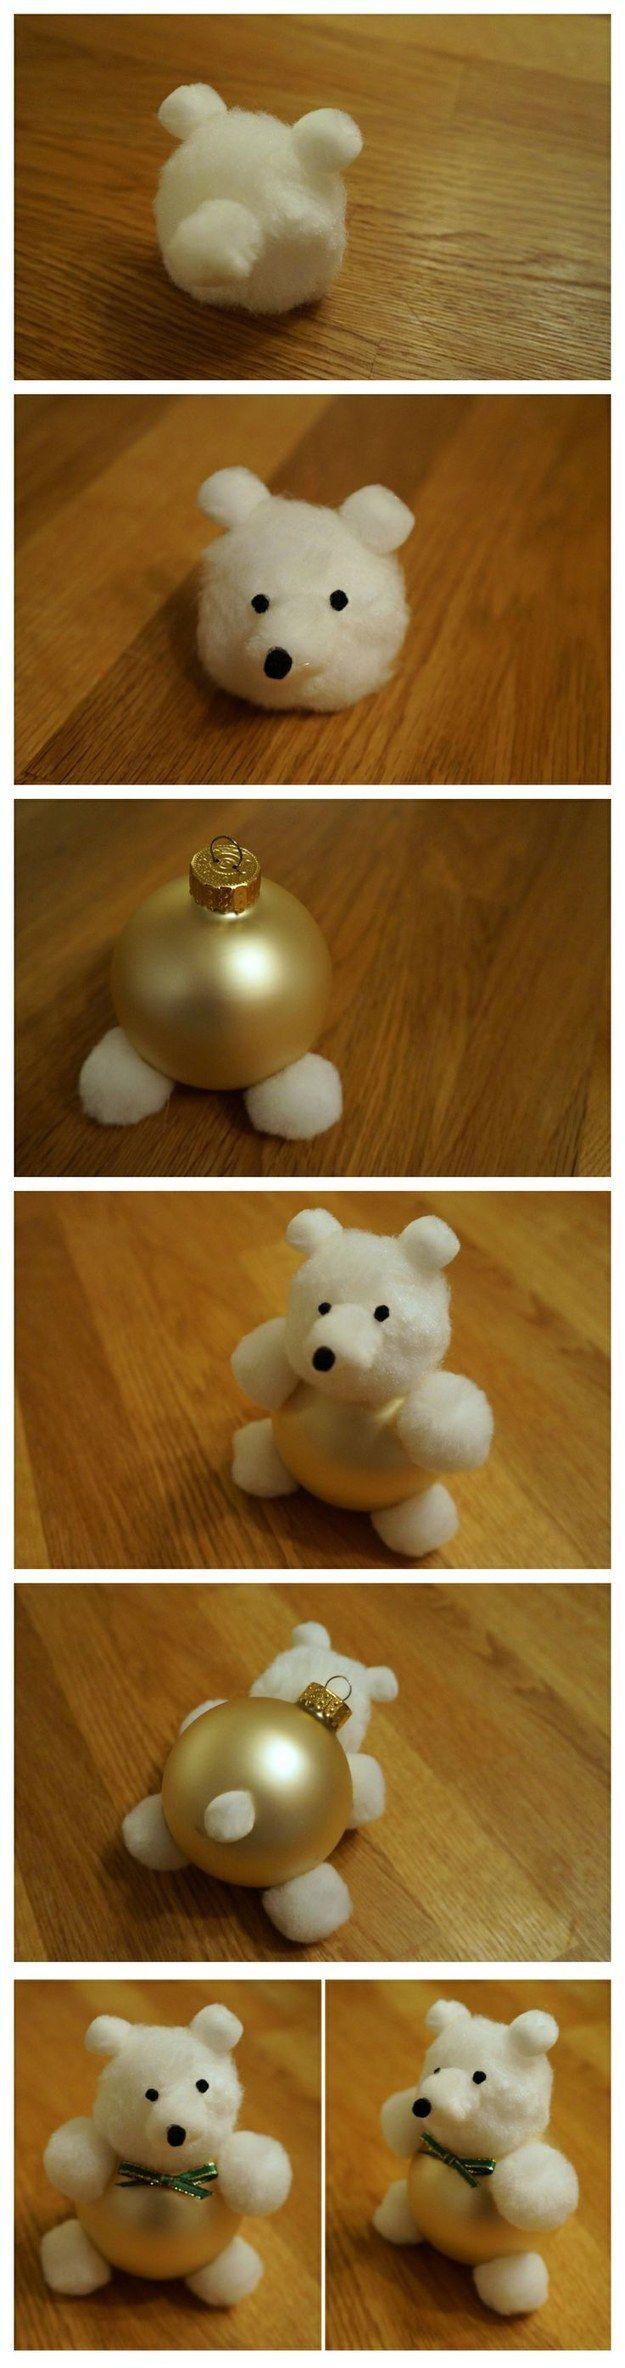 Забавный мишка из елочного шара и банальных ватных шариков